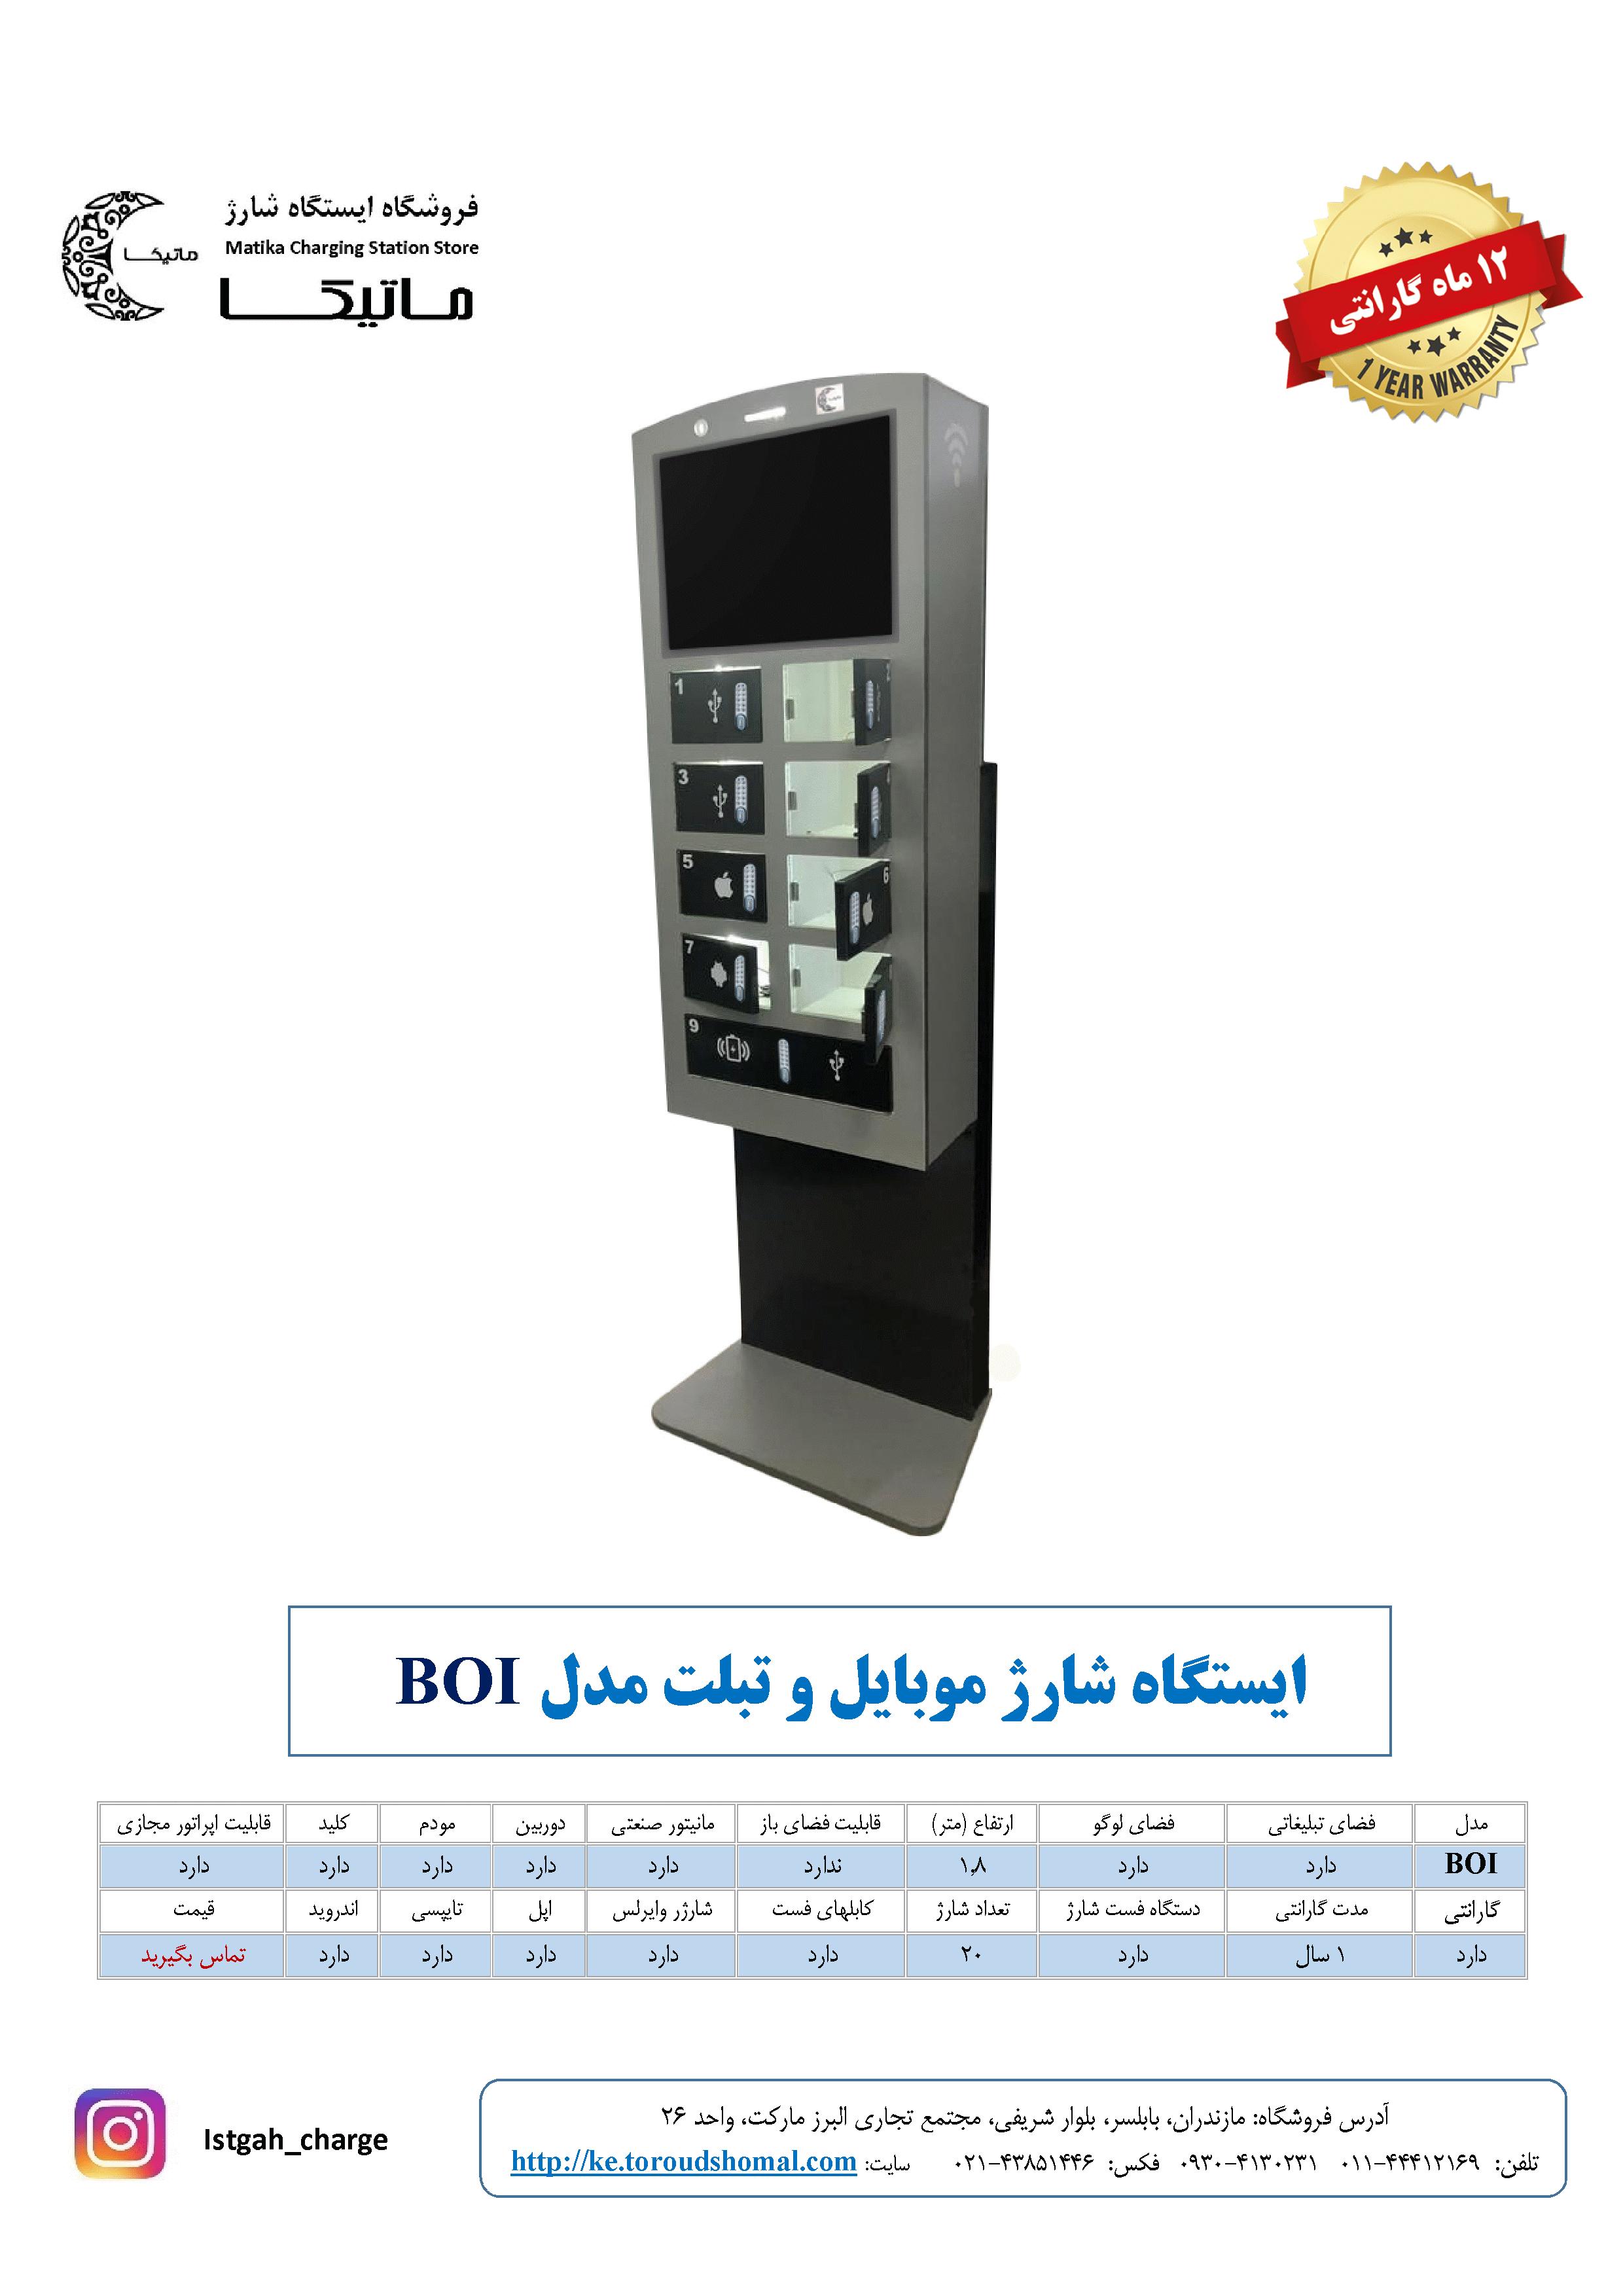 شارژر اماکن عمومی - ایستگاههای شارژر موبایل - شارژرهای عمومی